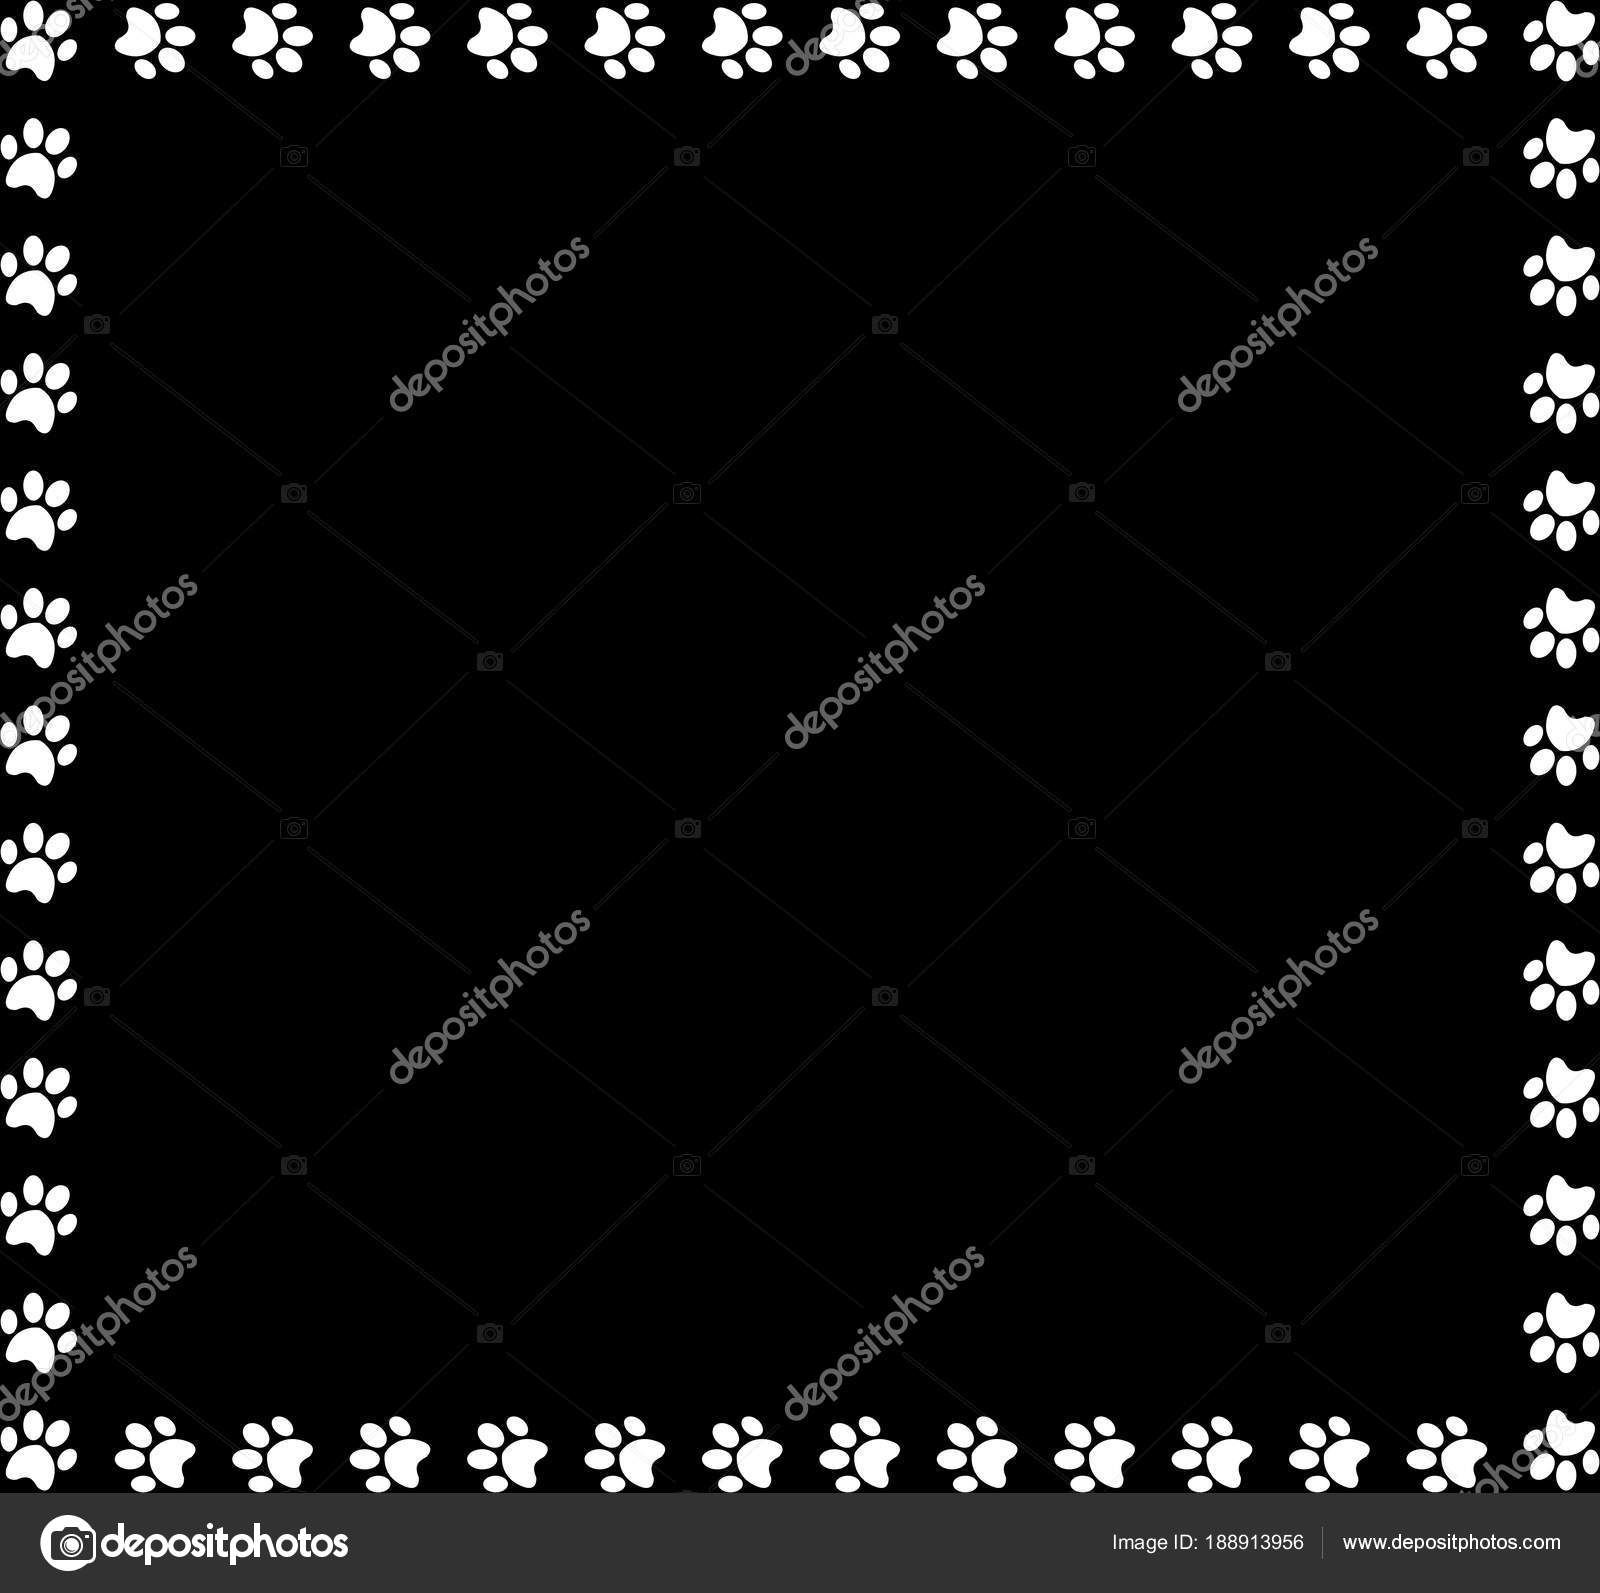 Quadratisches Format gemacht von weißen tierischen Pfotenabdrücke ...